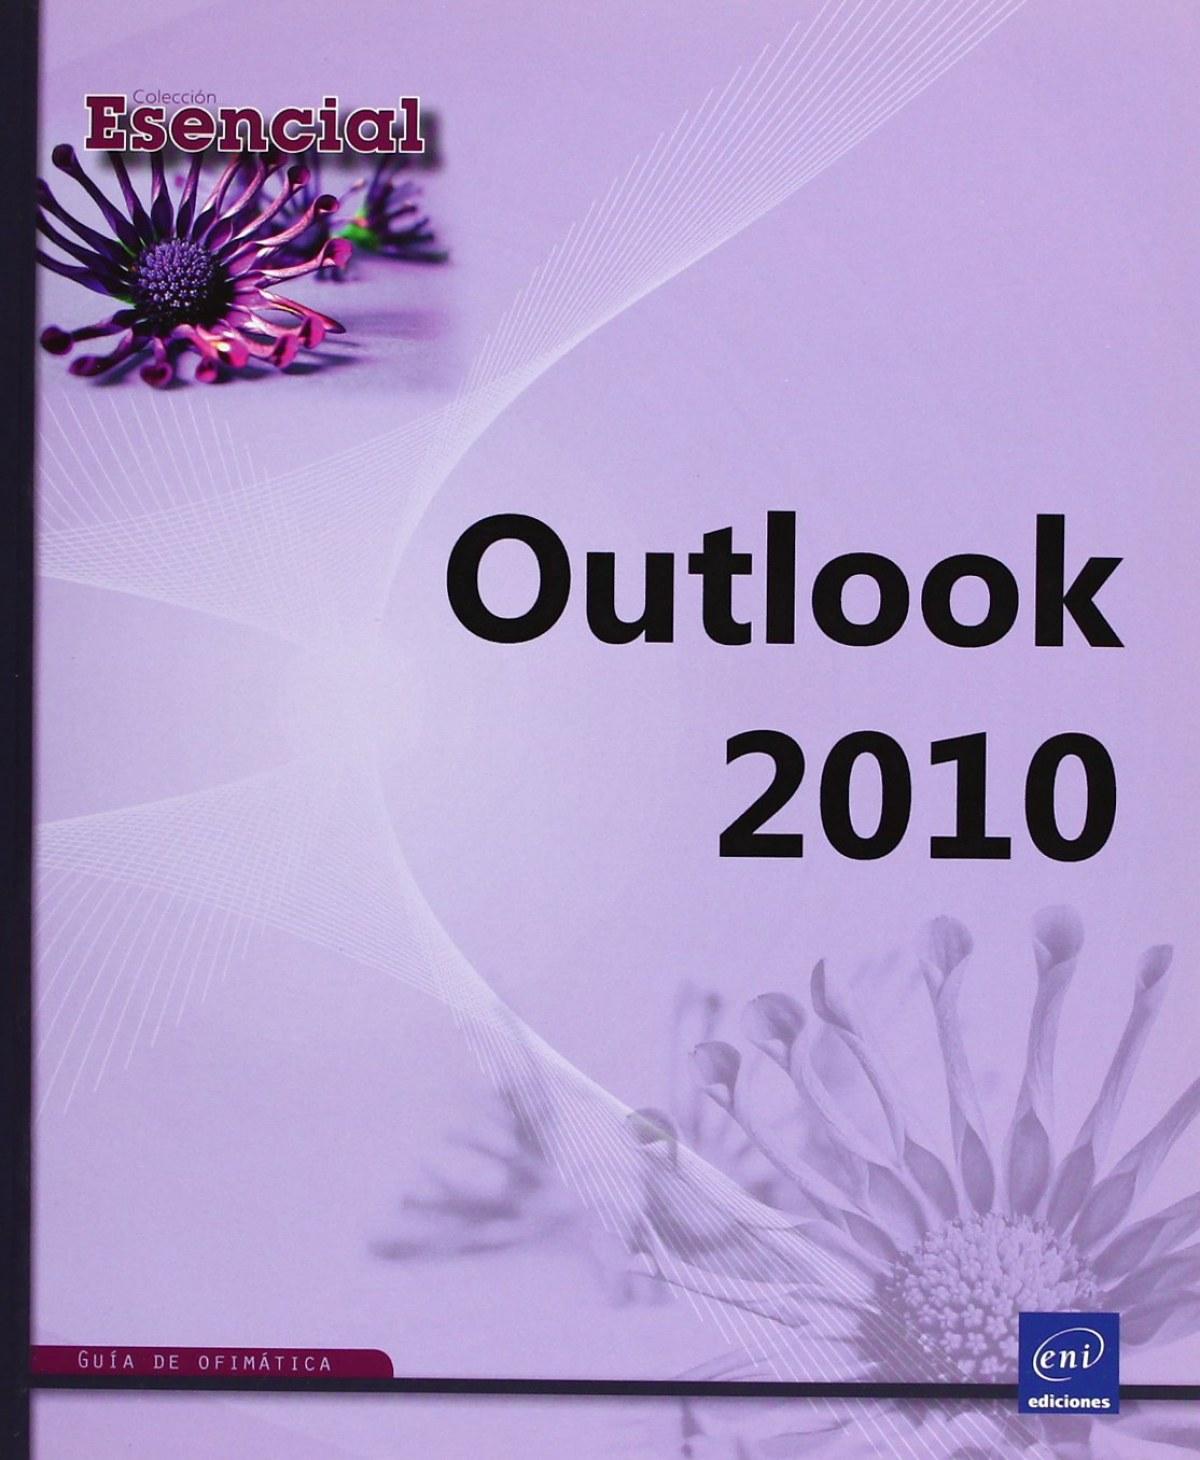 Esencial Outlook 2010